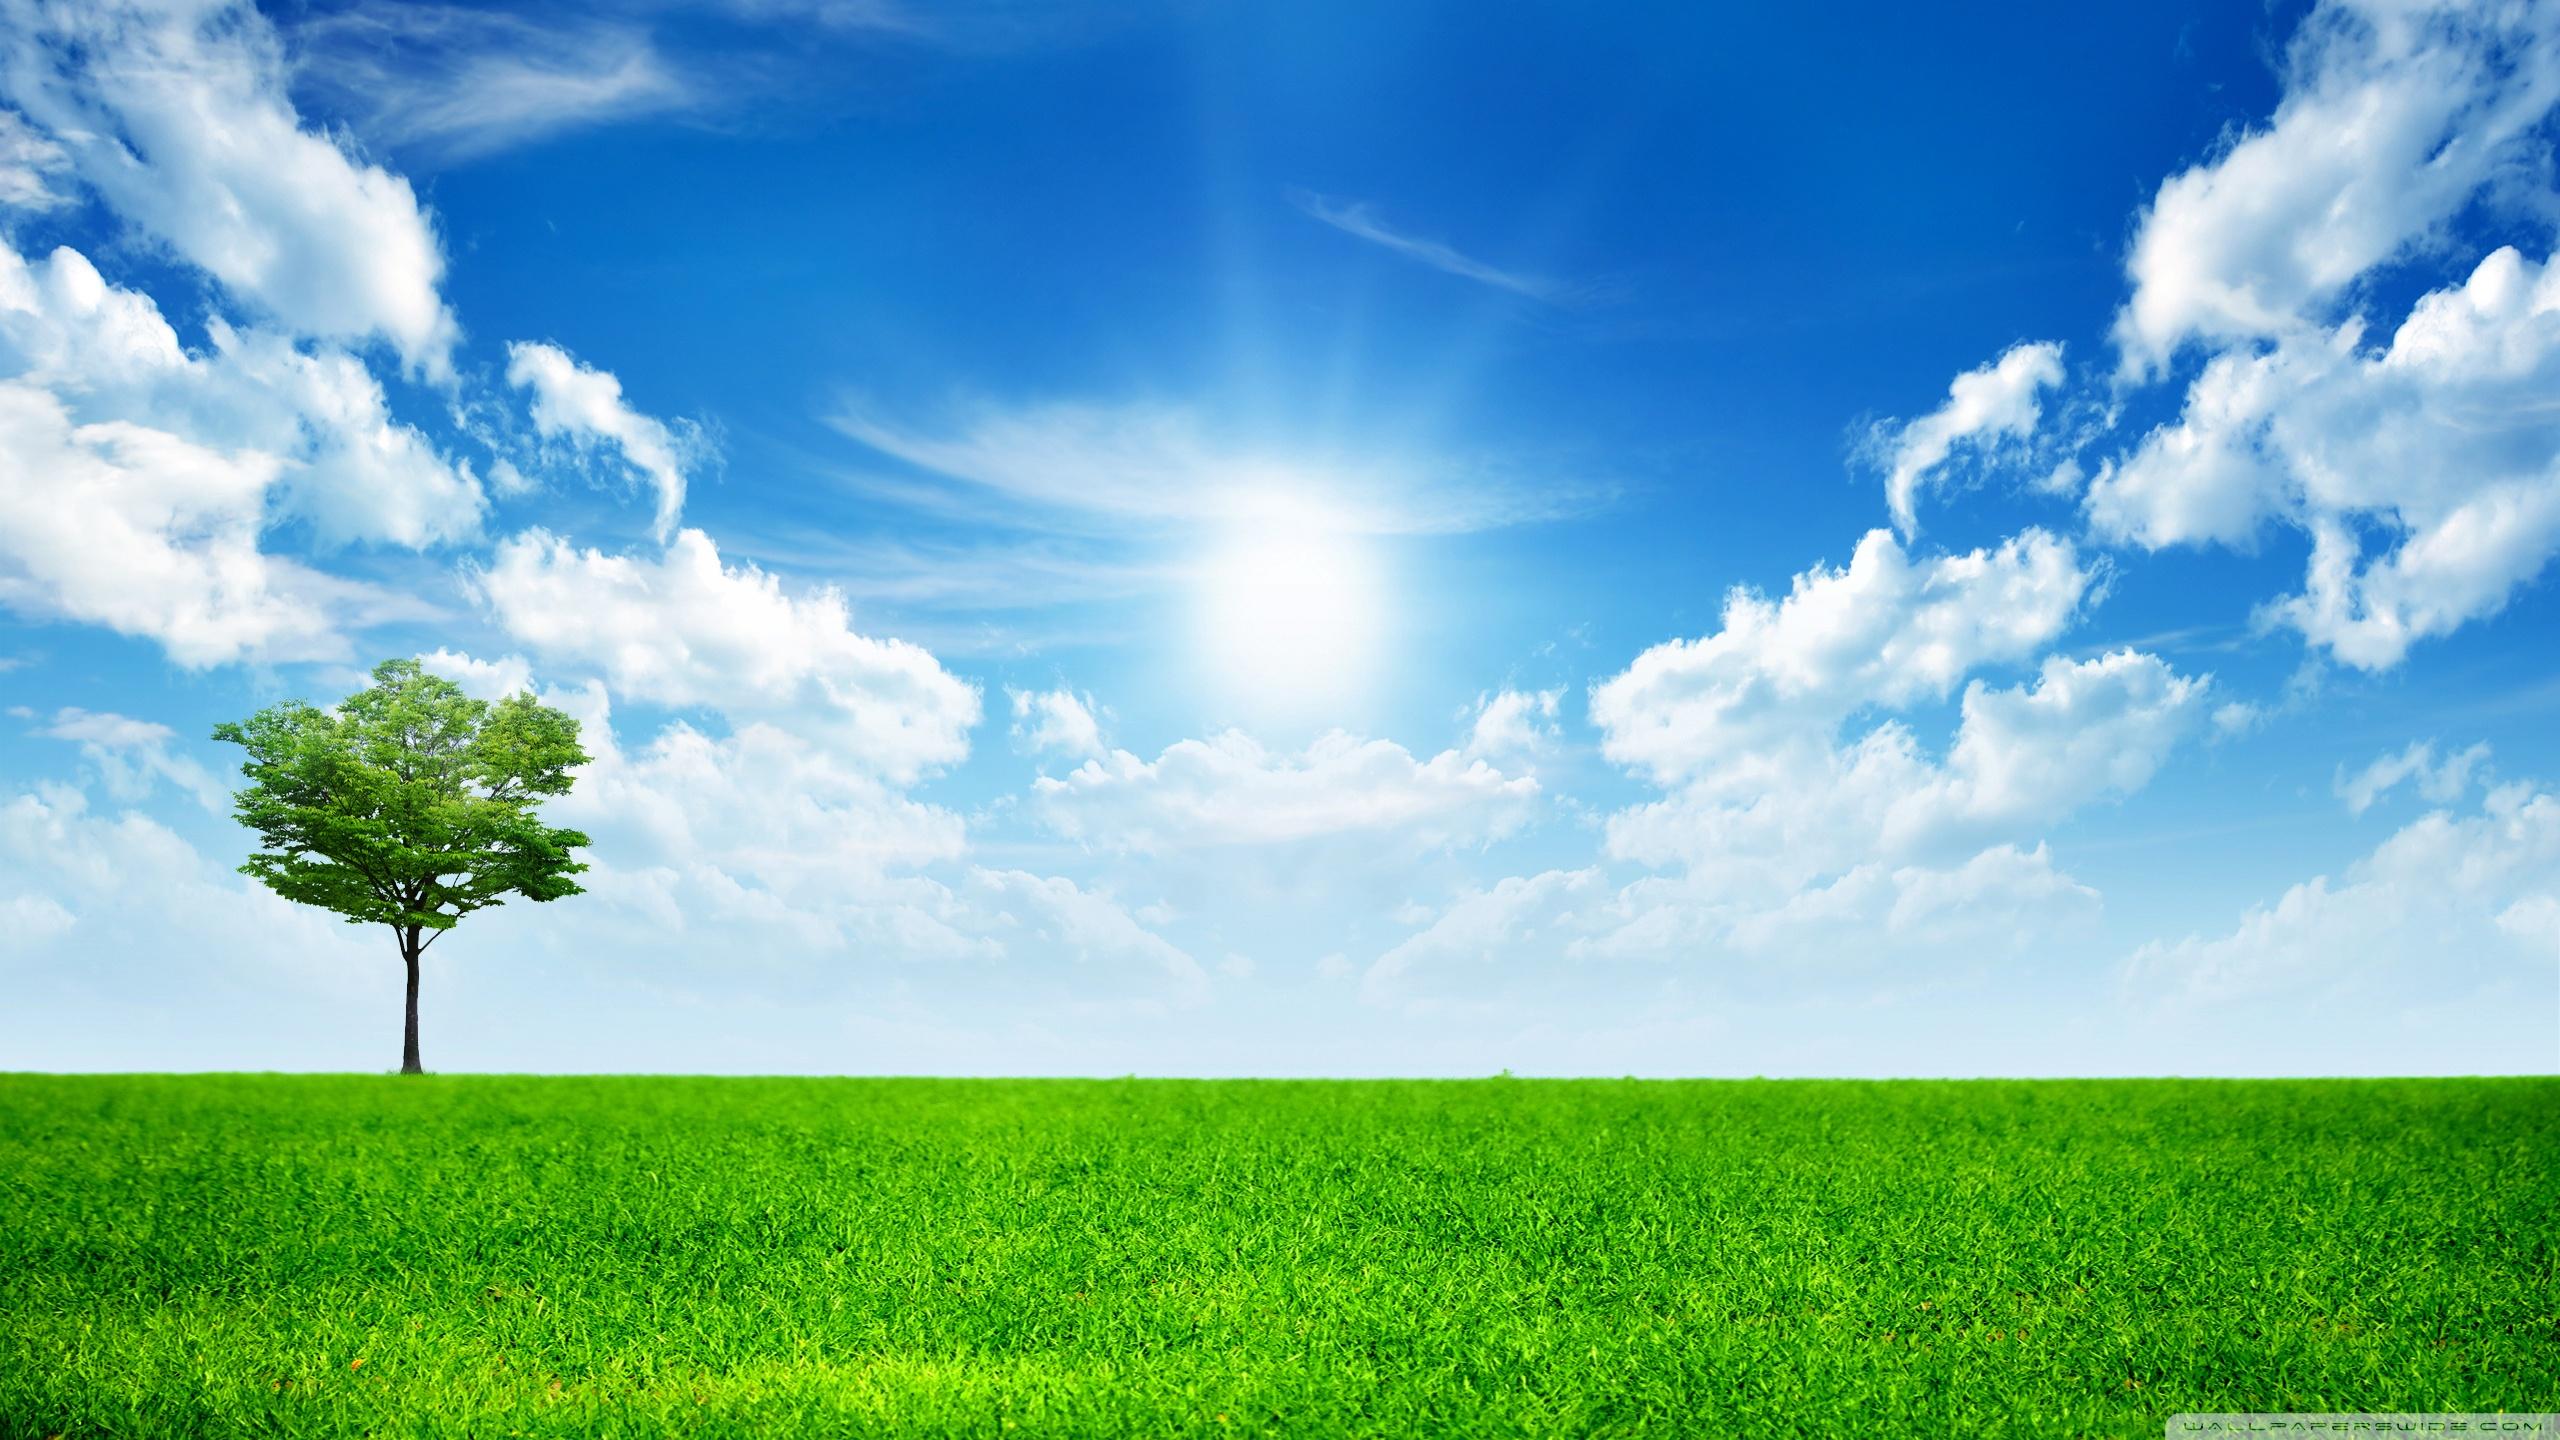 green_nature-wallpaper-2560x1440.jpg